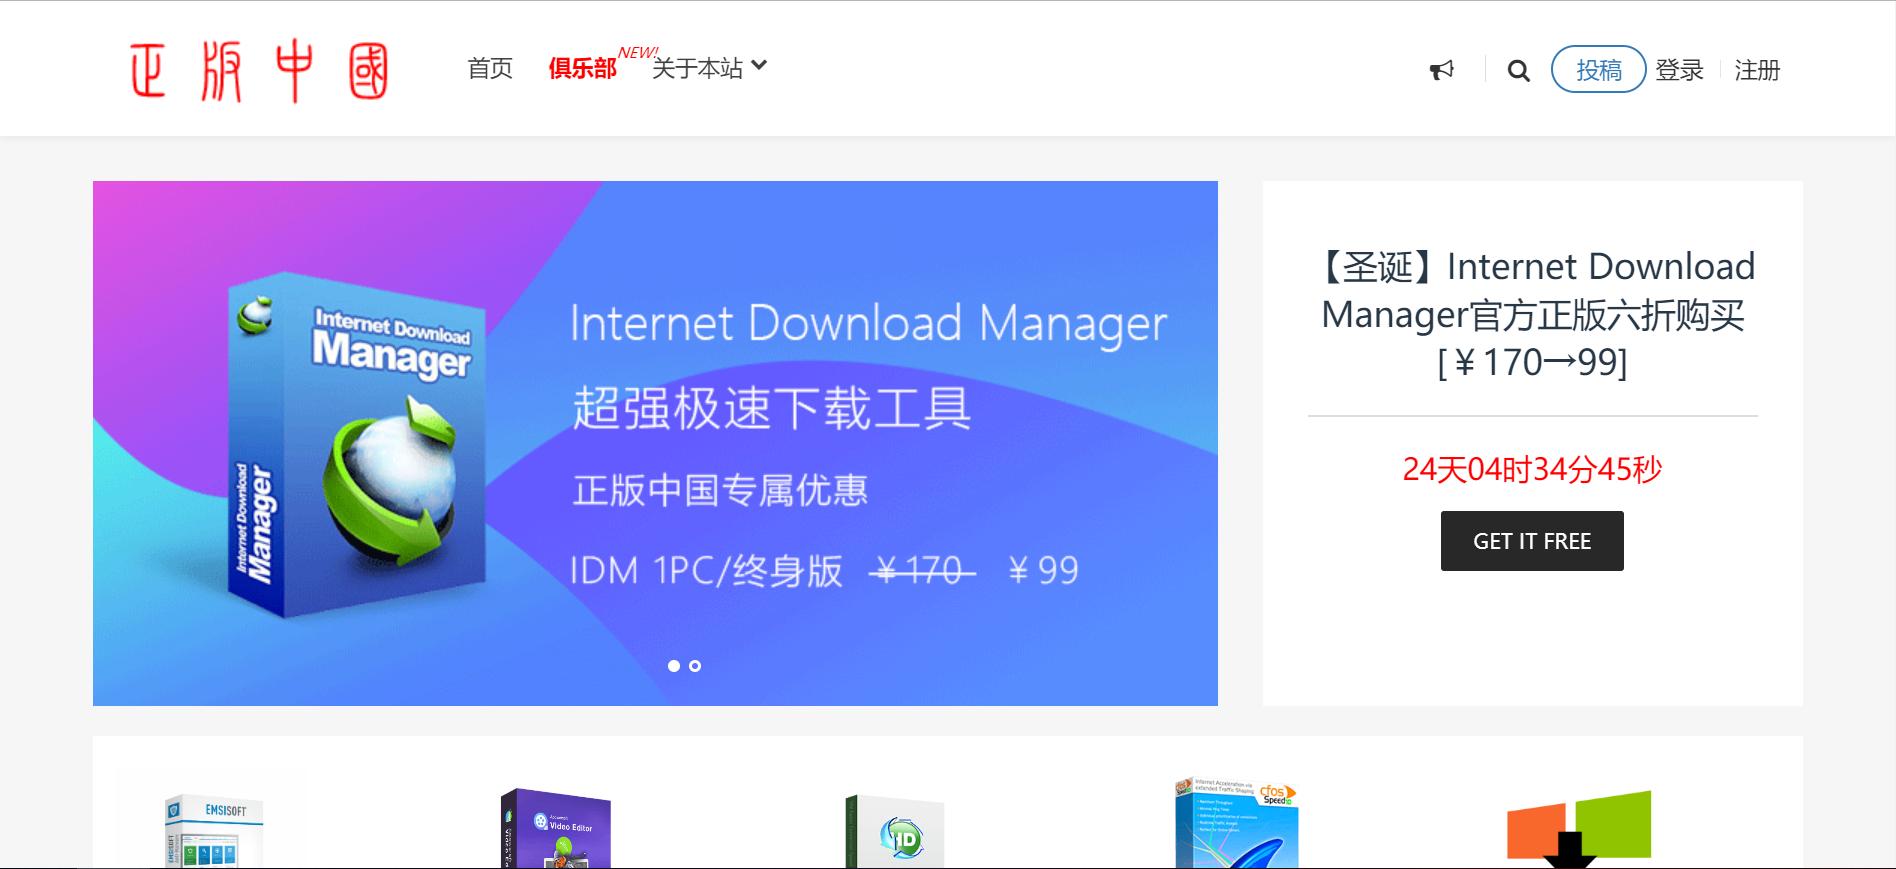 正版中国:正版软件推荐